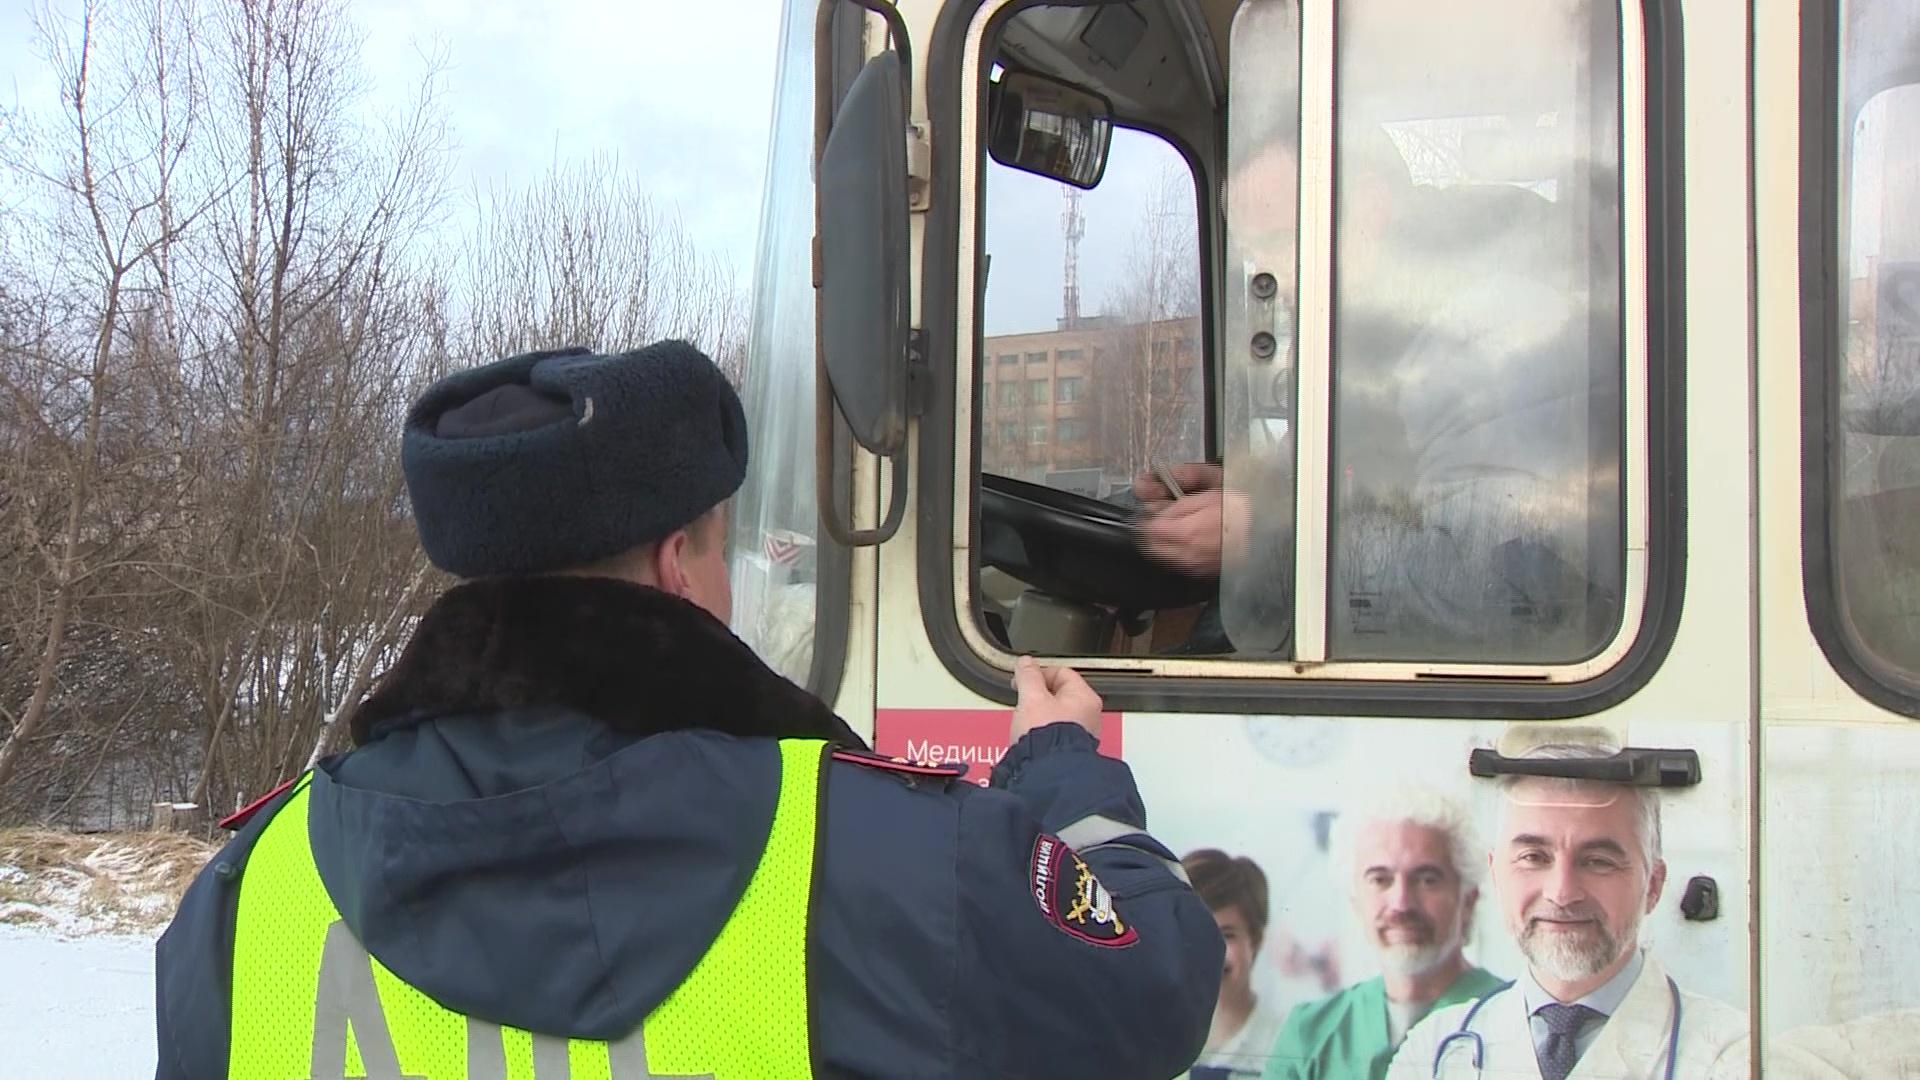 Сотрудники ГИБДД провели рейд по пассажирским автобусам в Угличе